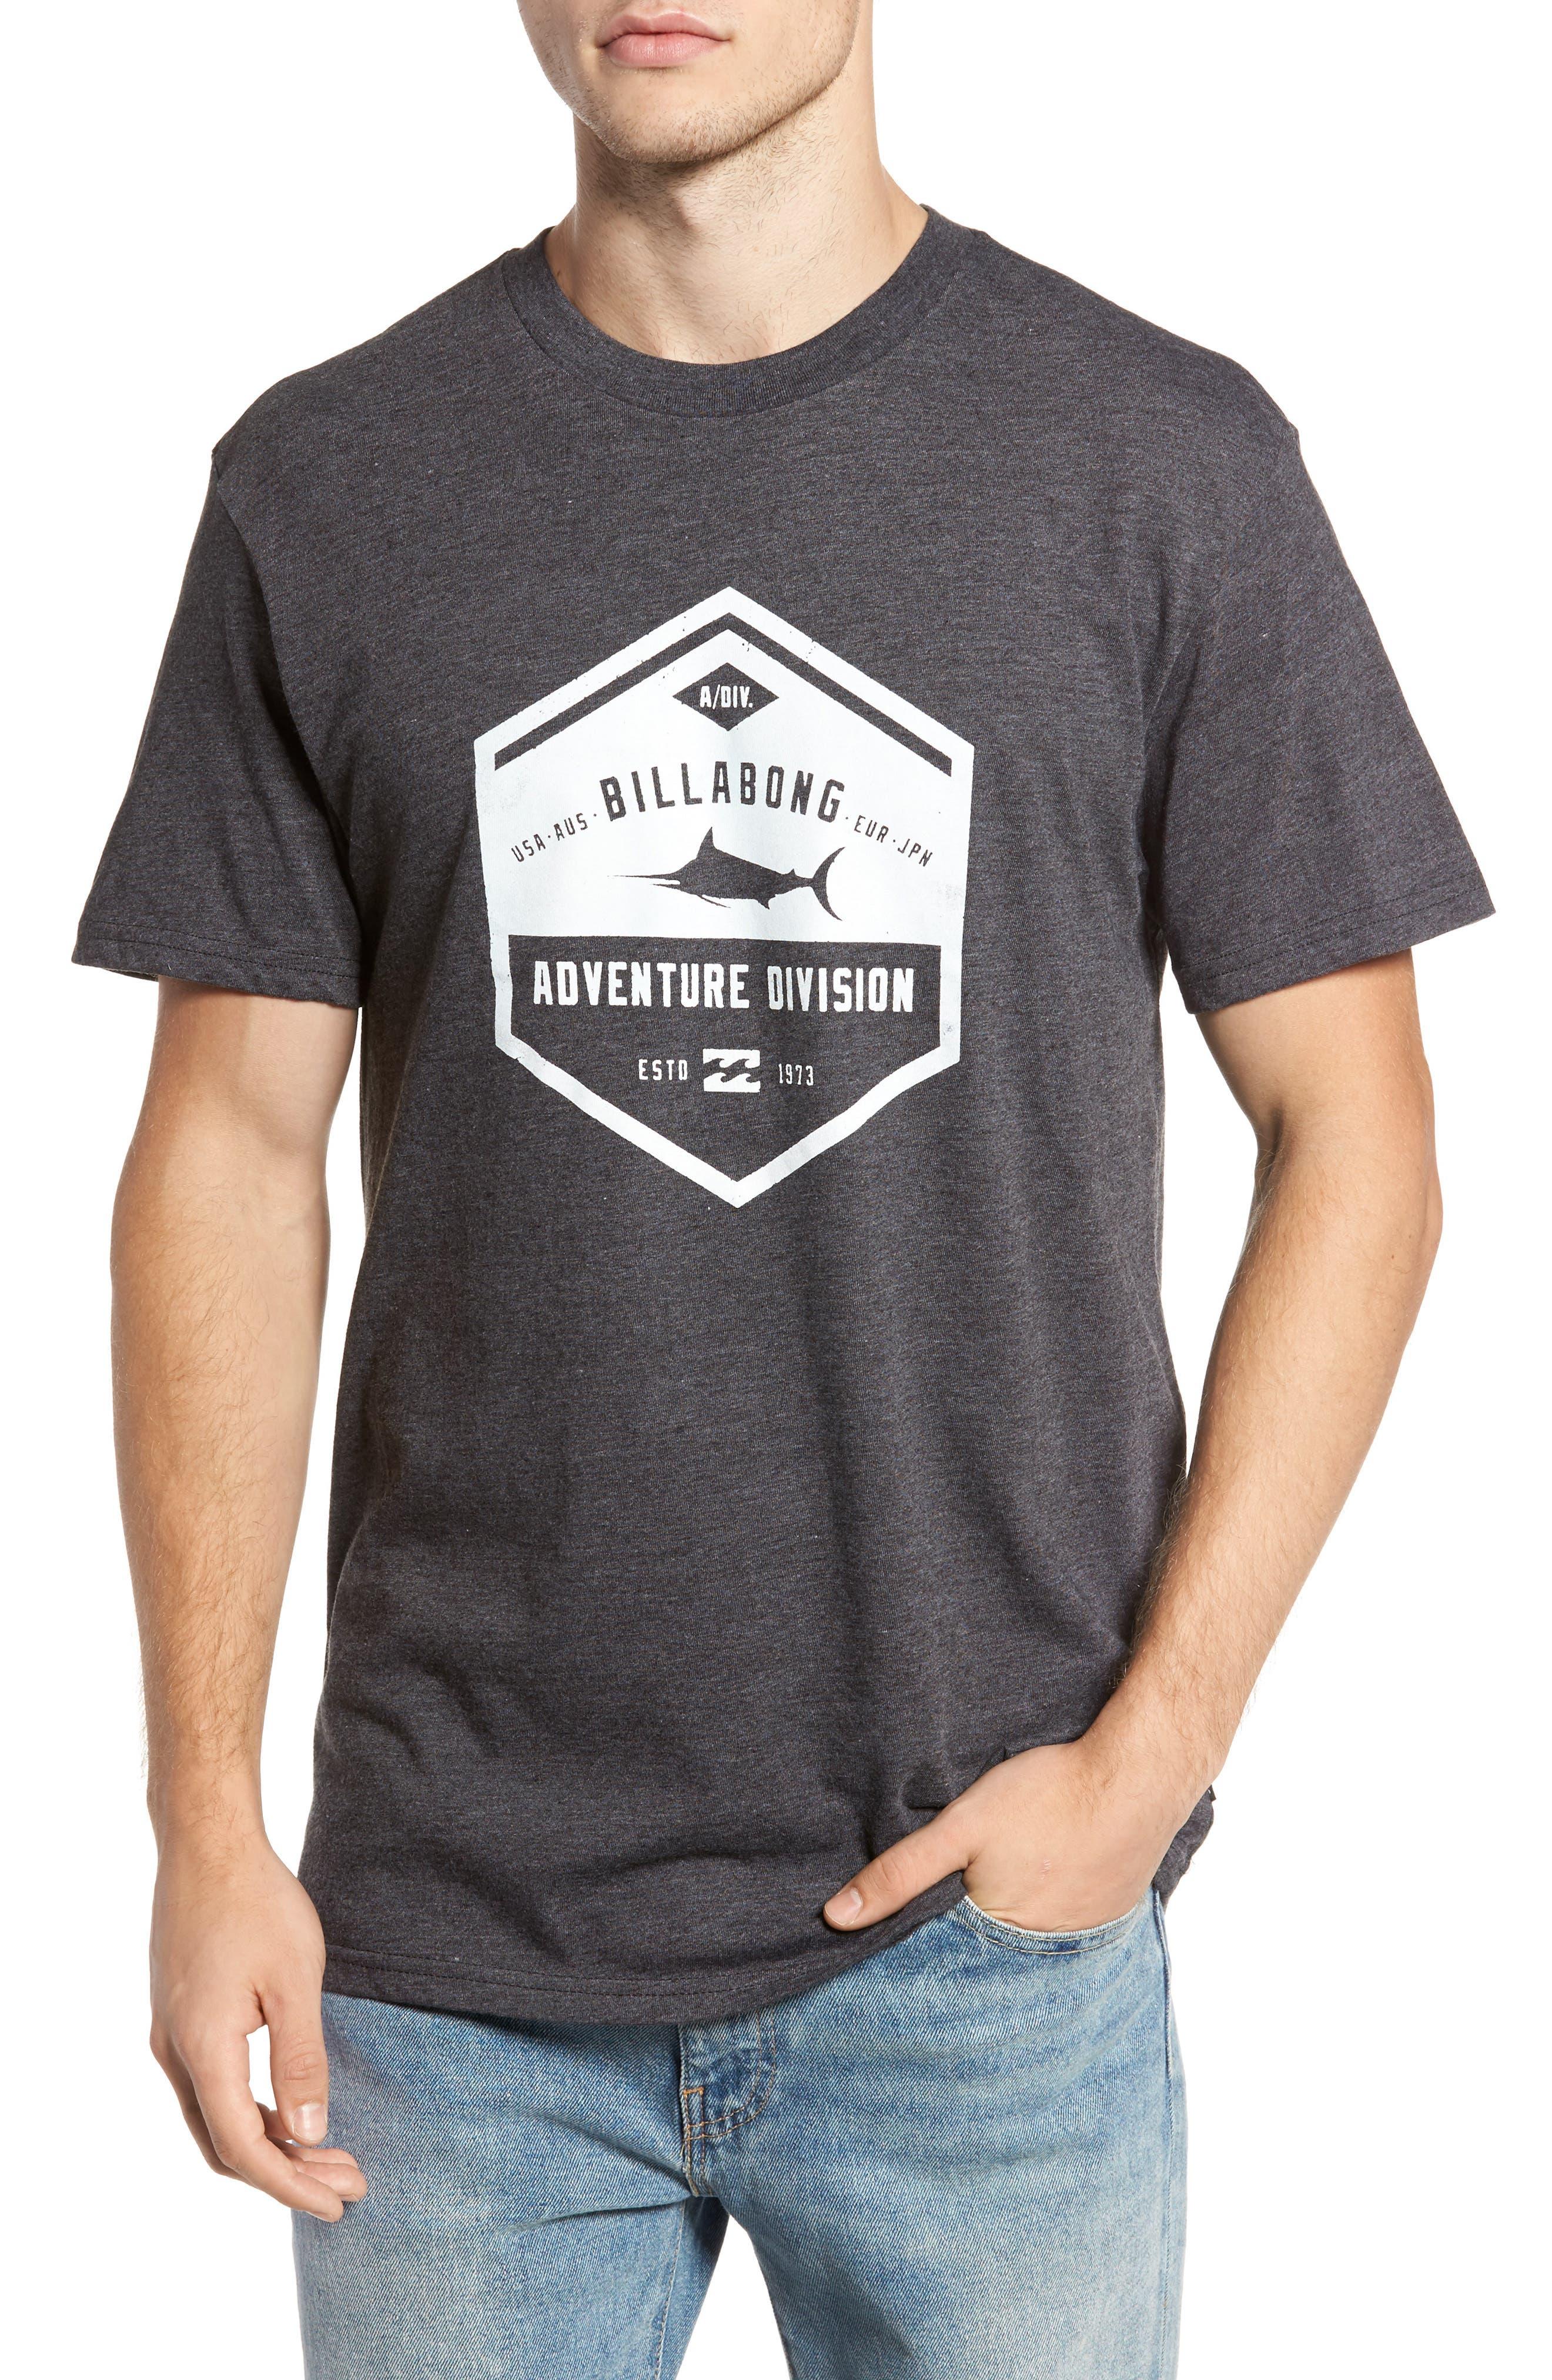 Main Image - Billabong Trade Winds Graphic T-Shirt